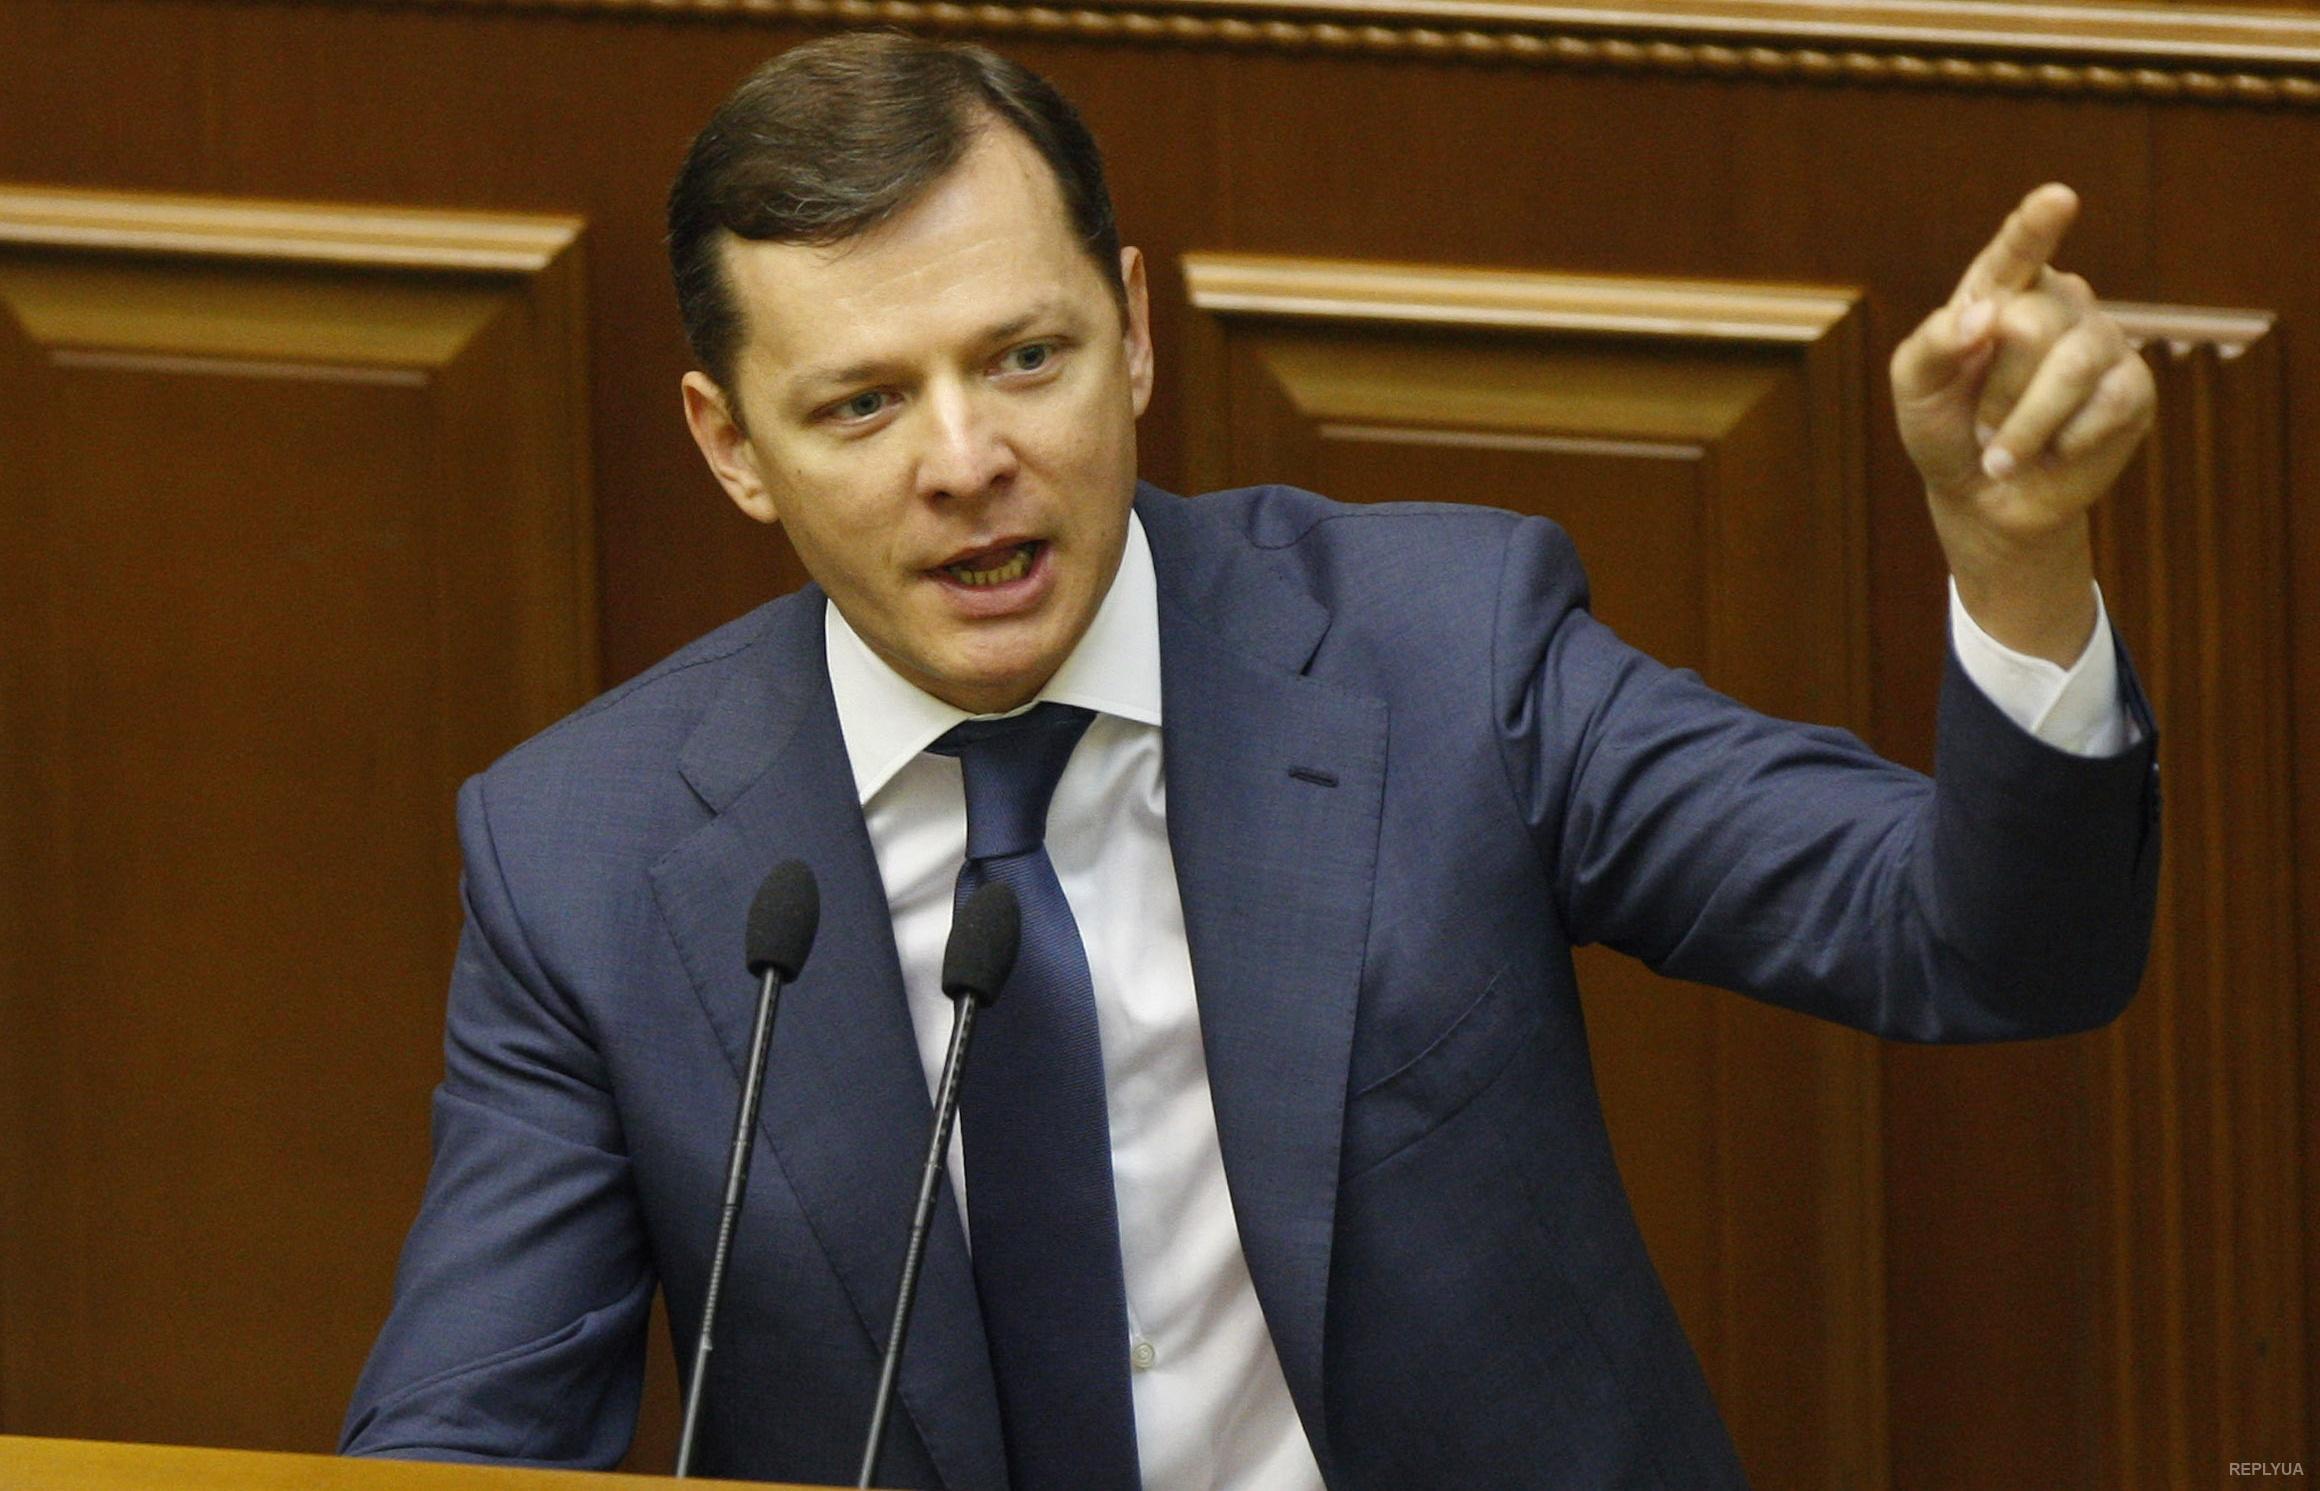 Он умеет только махать кулаками: «патриот» Ляшко отпраздновал годовщину революции за рубежом